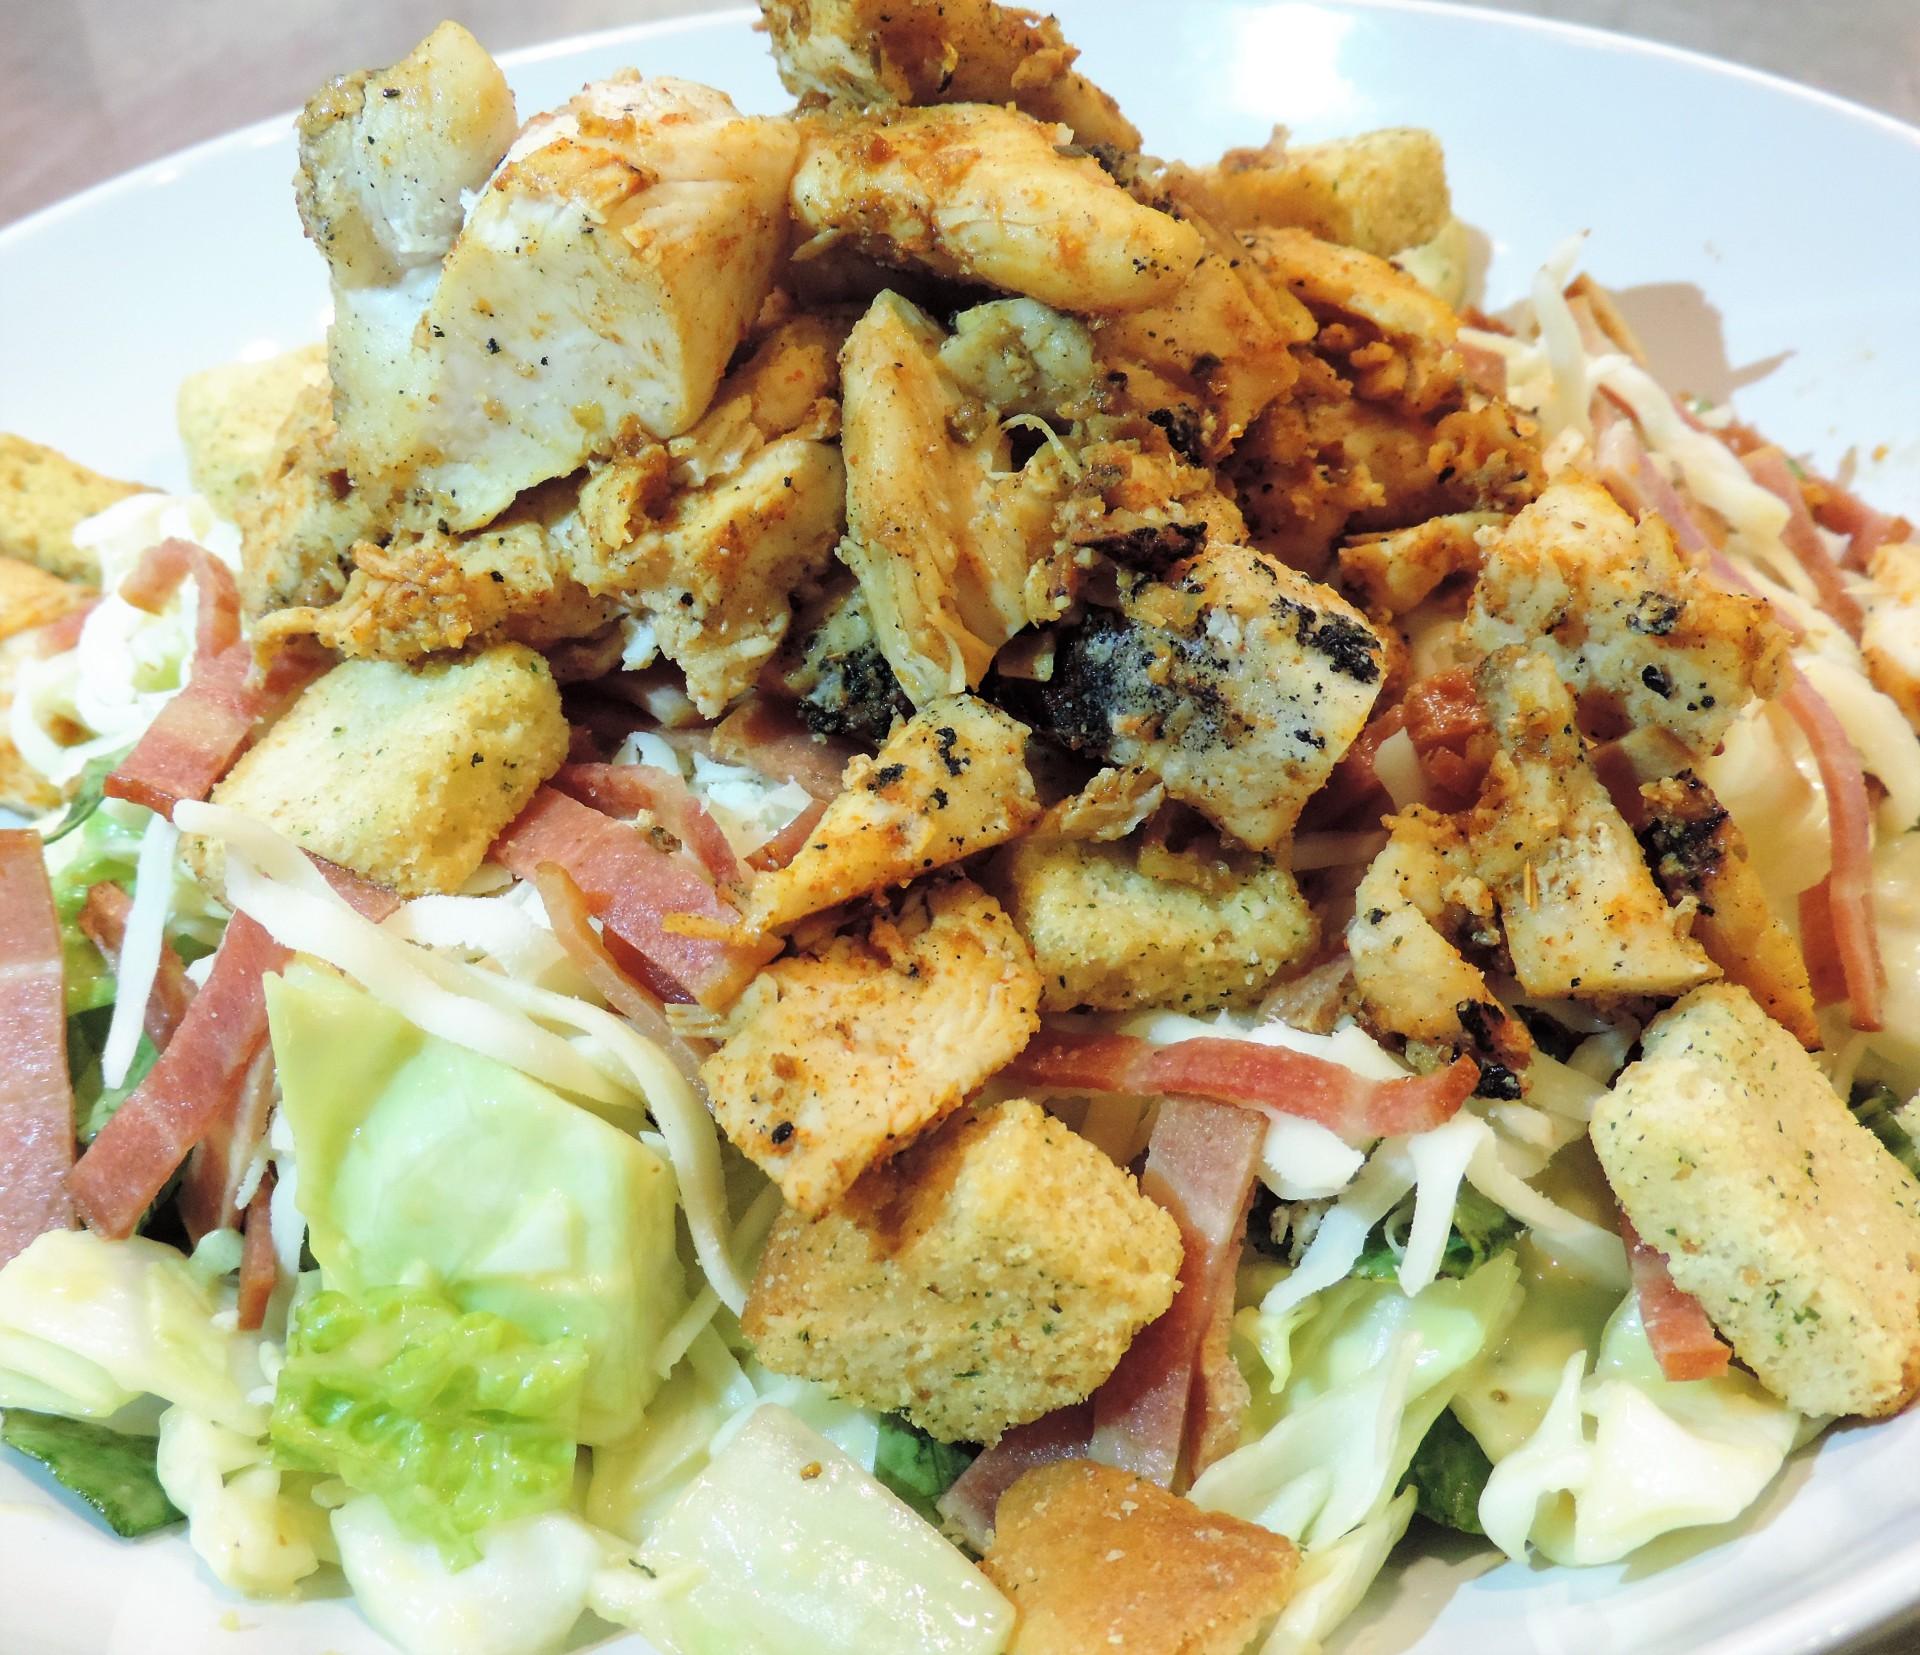 Rancher's Chicken Caesar (Salad)